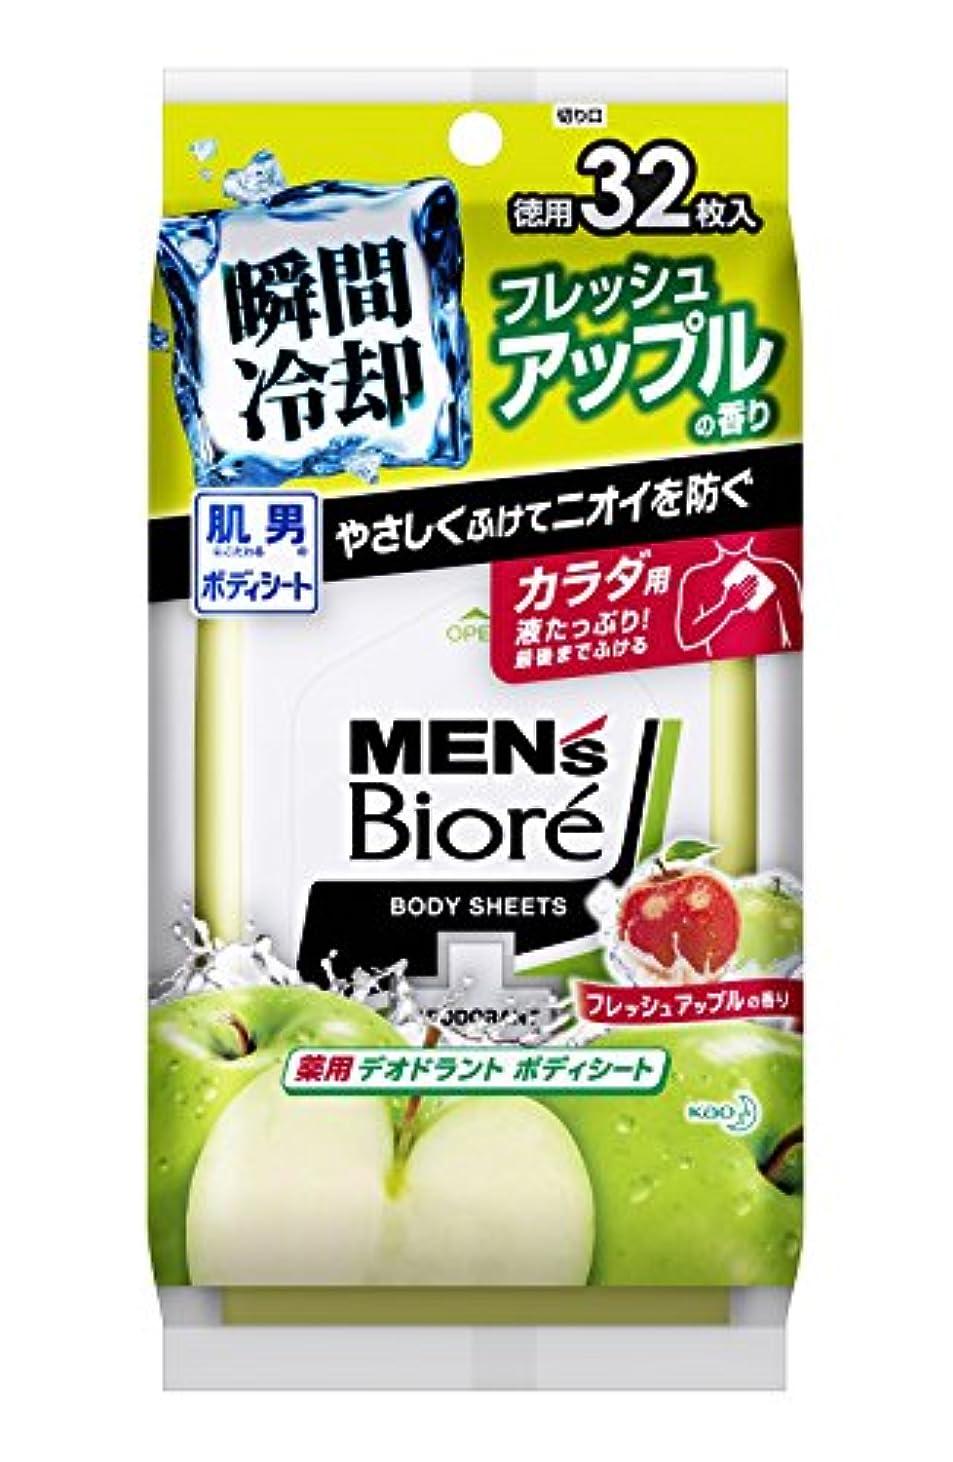 ビルケーブルしつけメンズビオレ 薬用デオドラントボディシート フレッシュアップルの香り 32枚